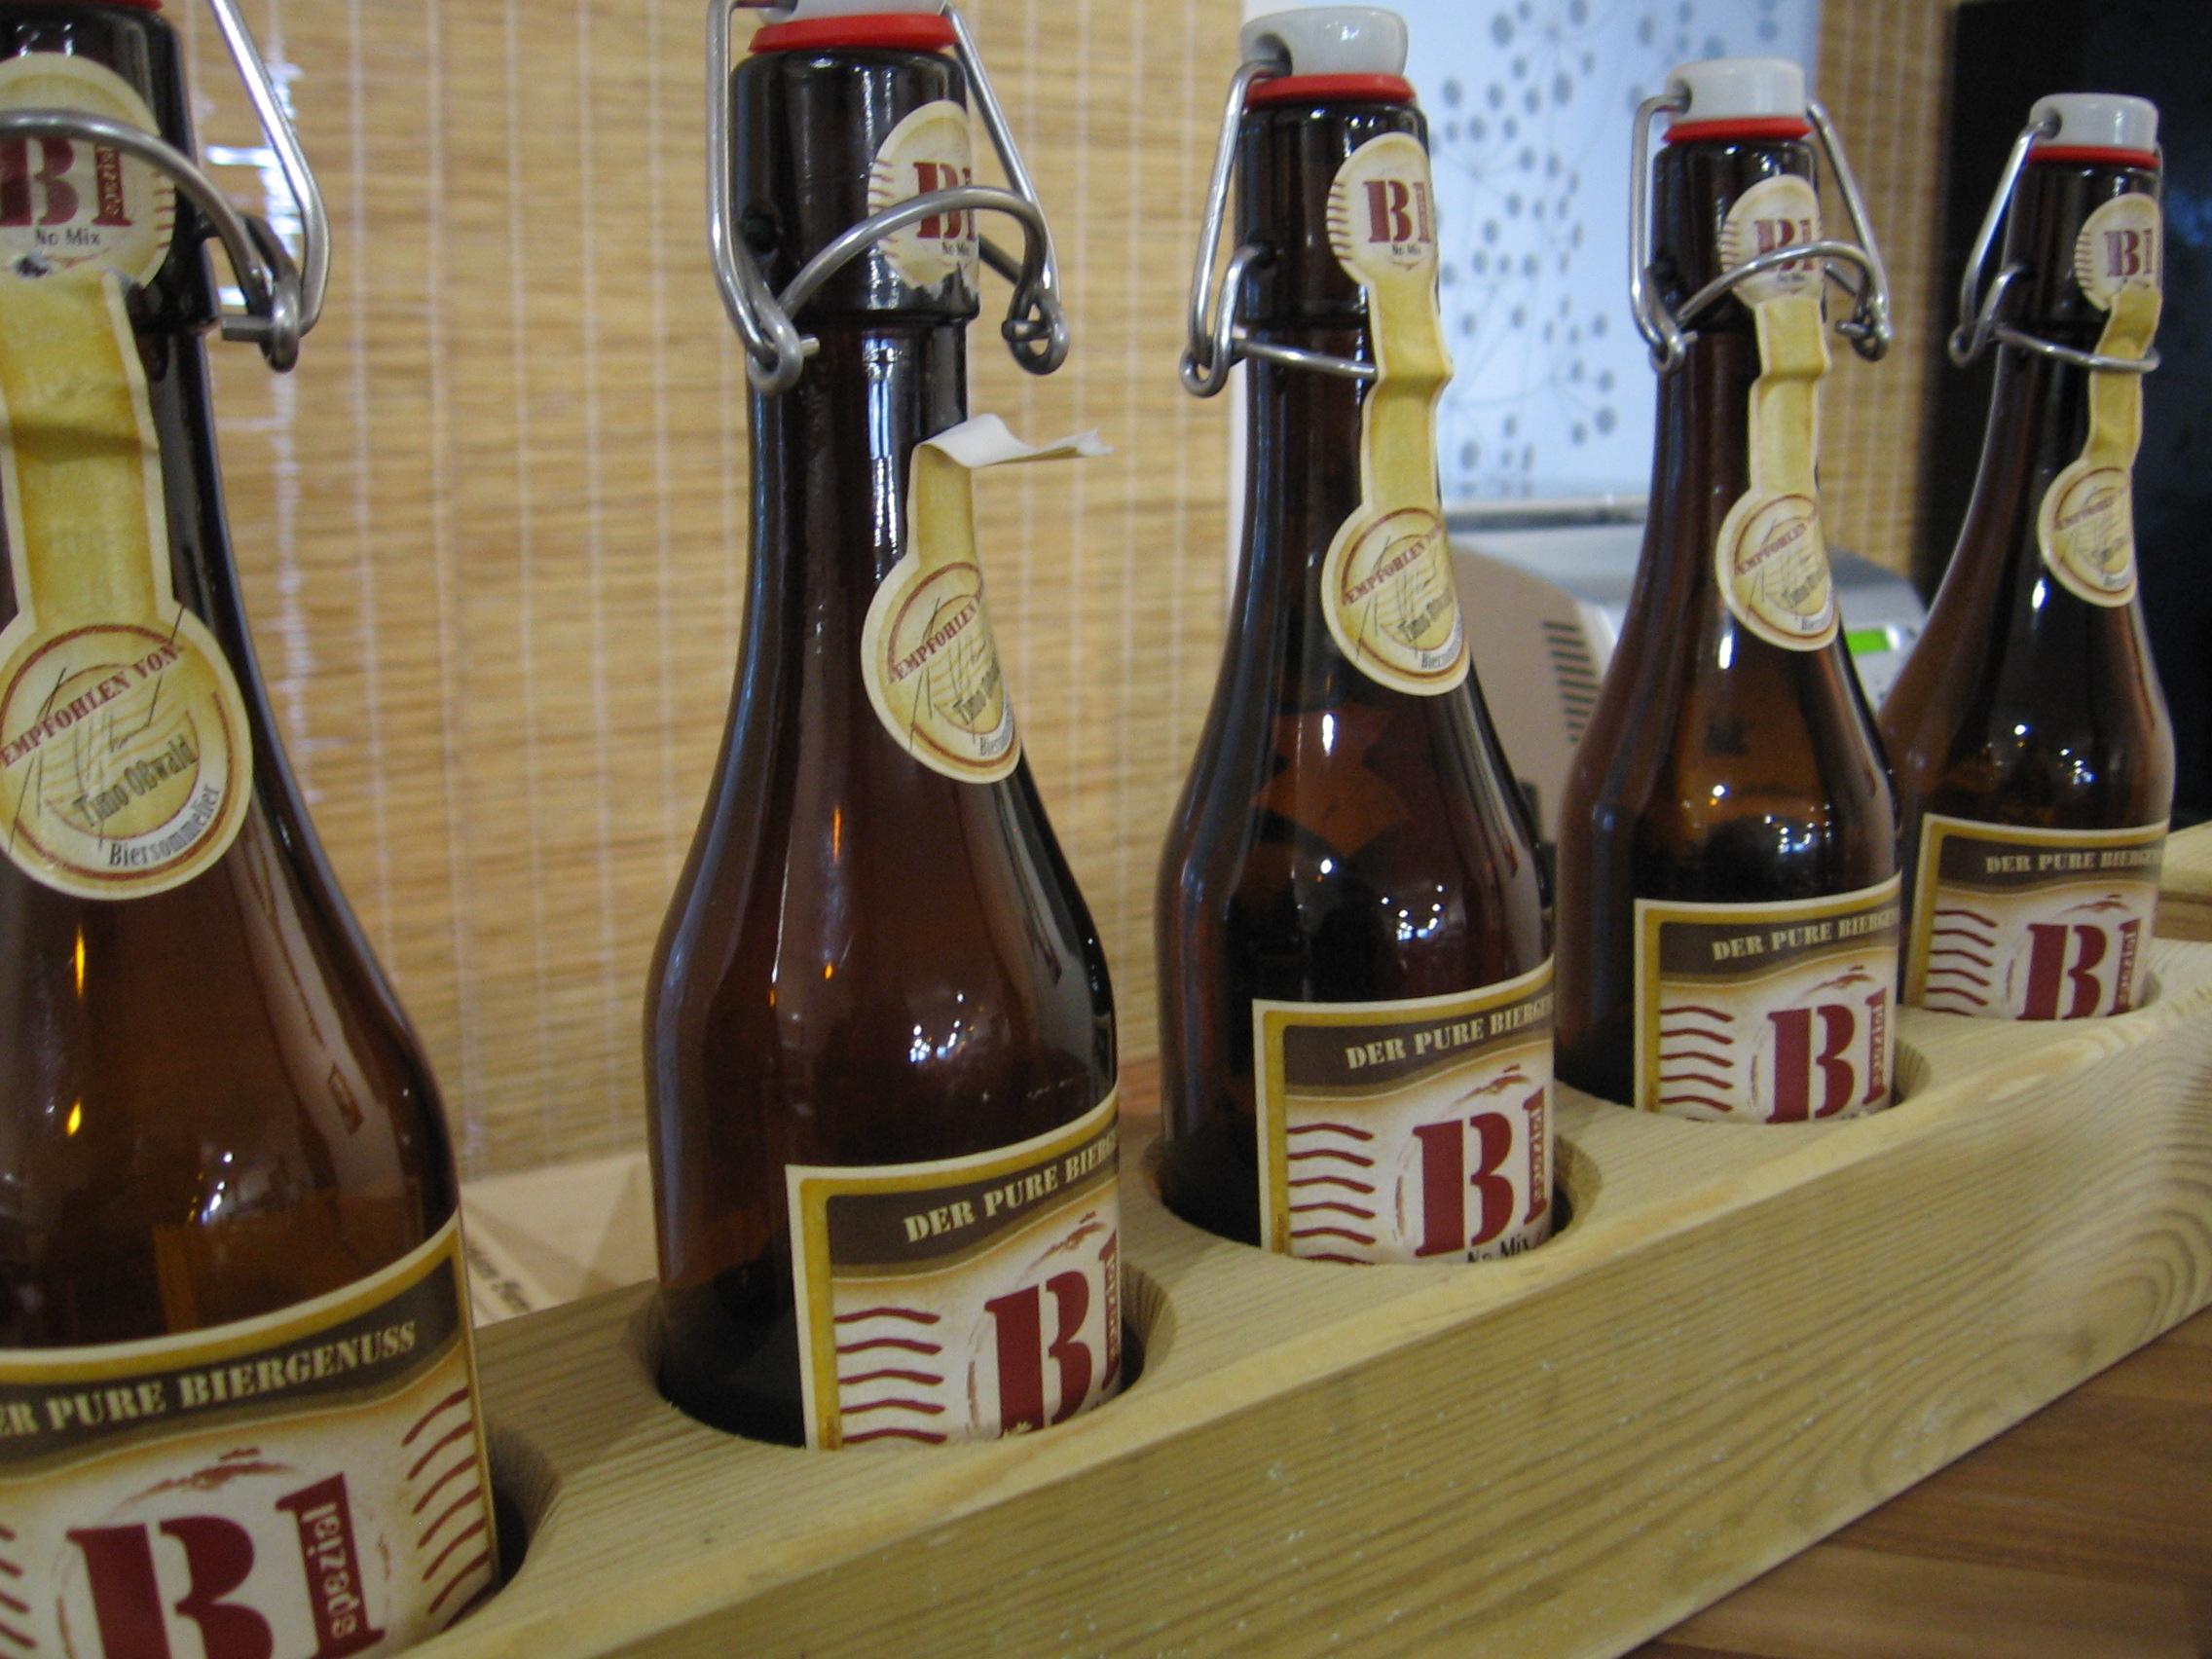 Unser Bier-ein Unikat!